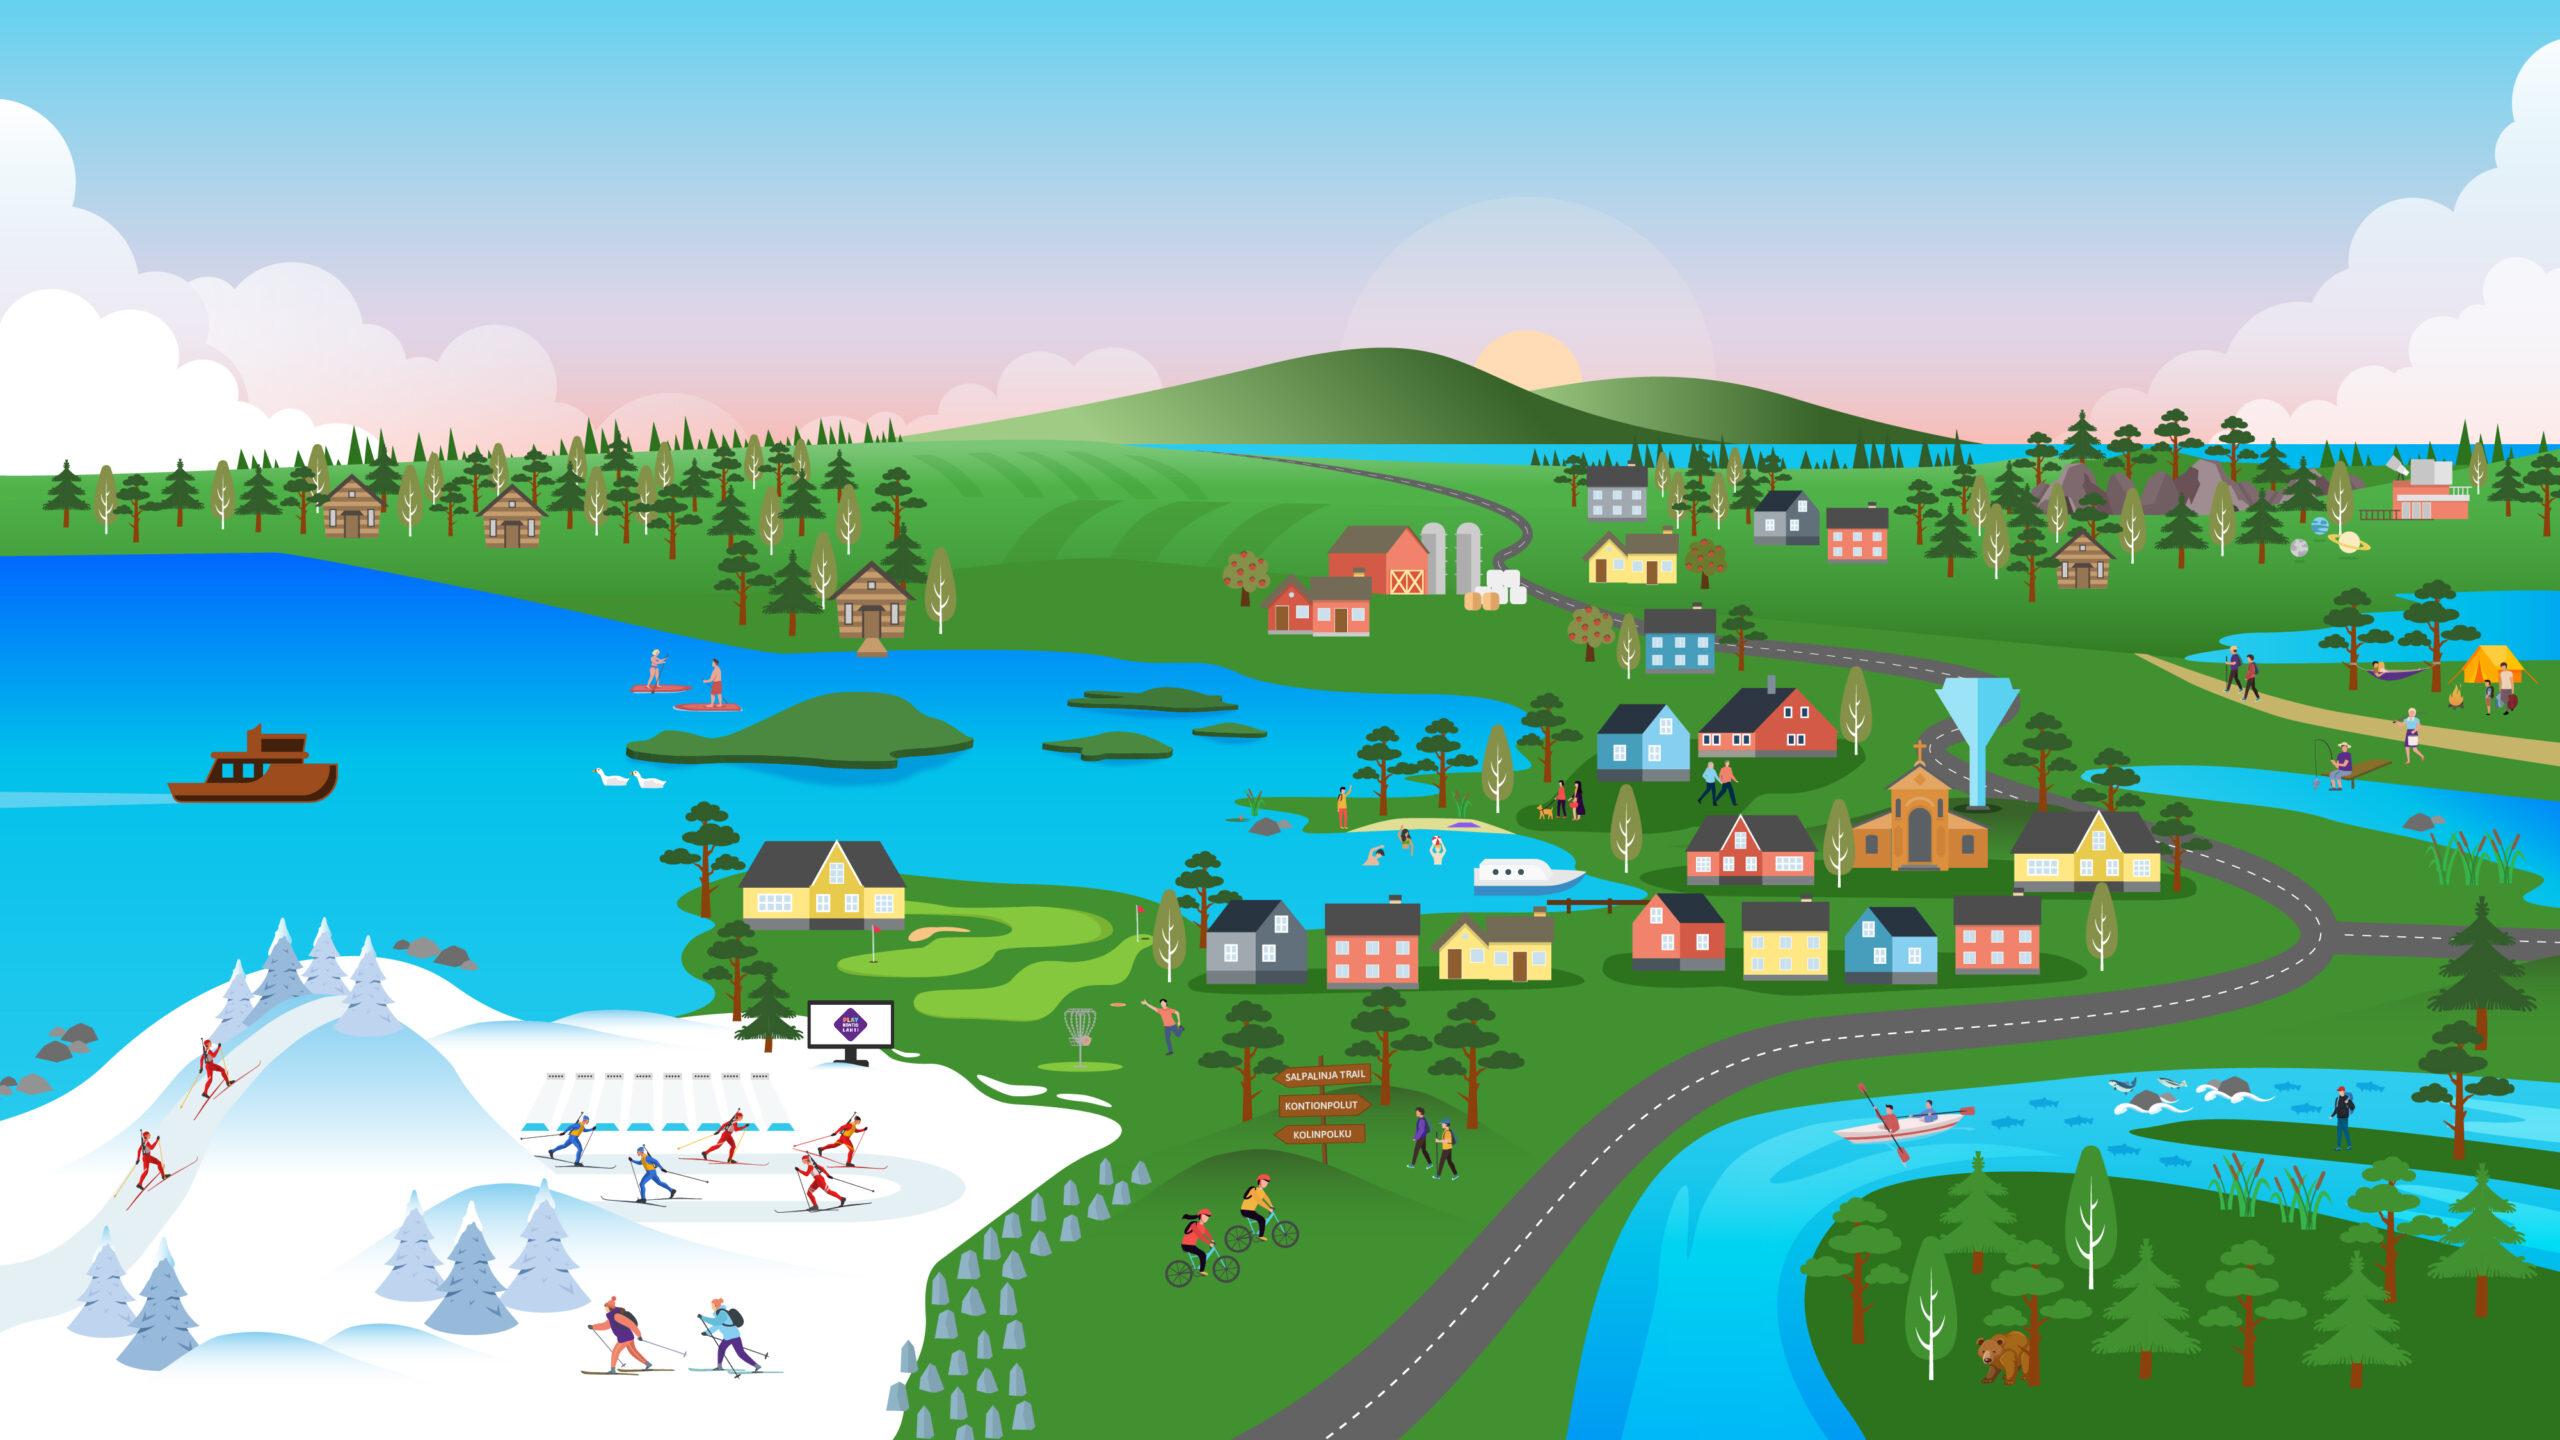 Piirretty kuvitteellinen kartta Kontiolahden alueesta.